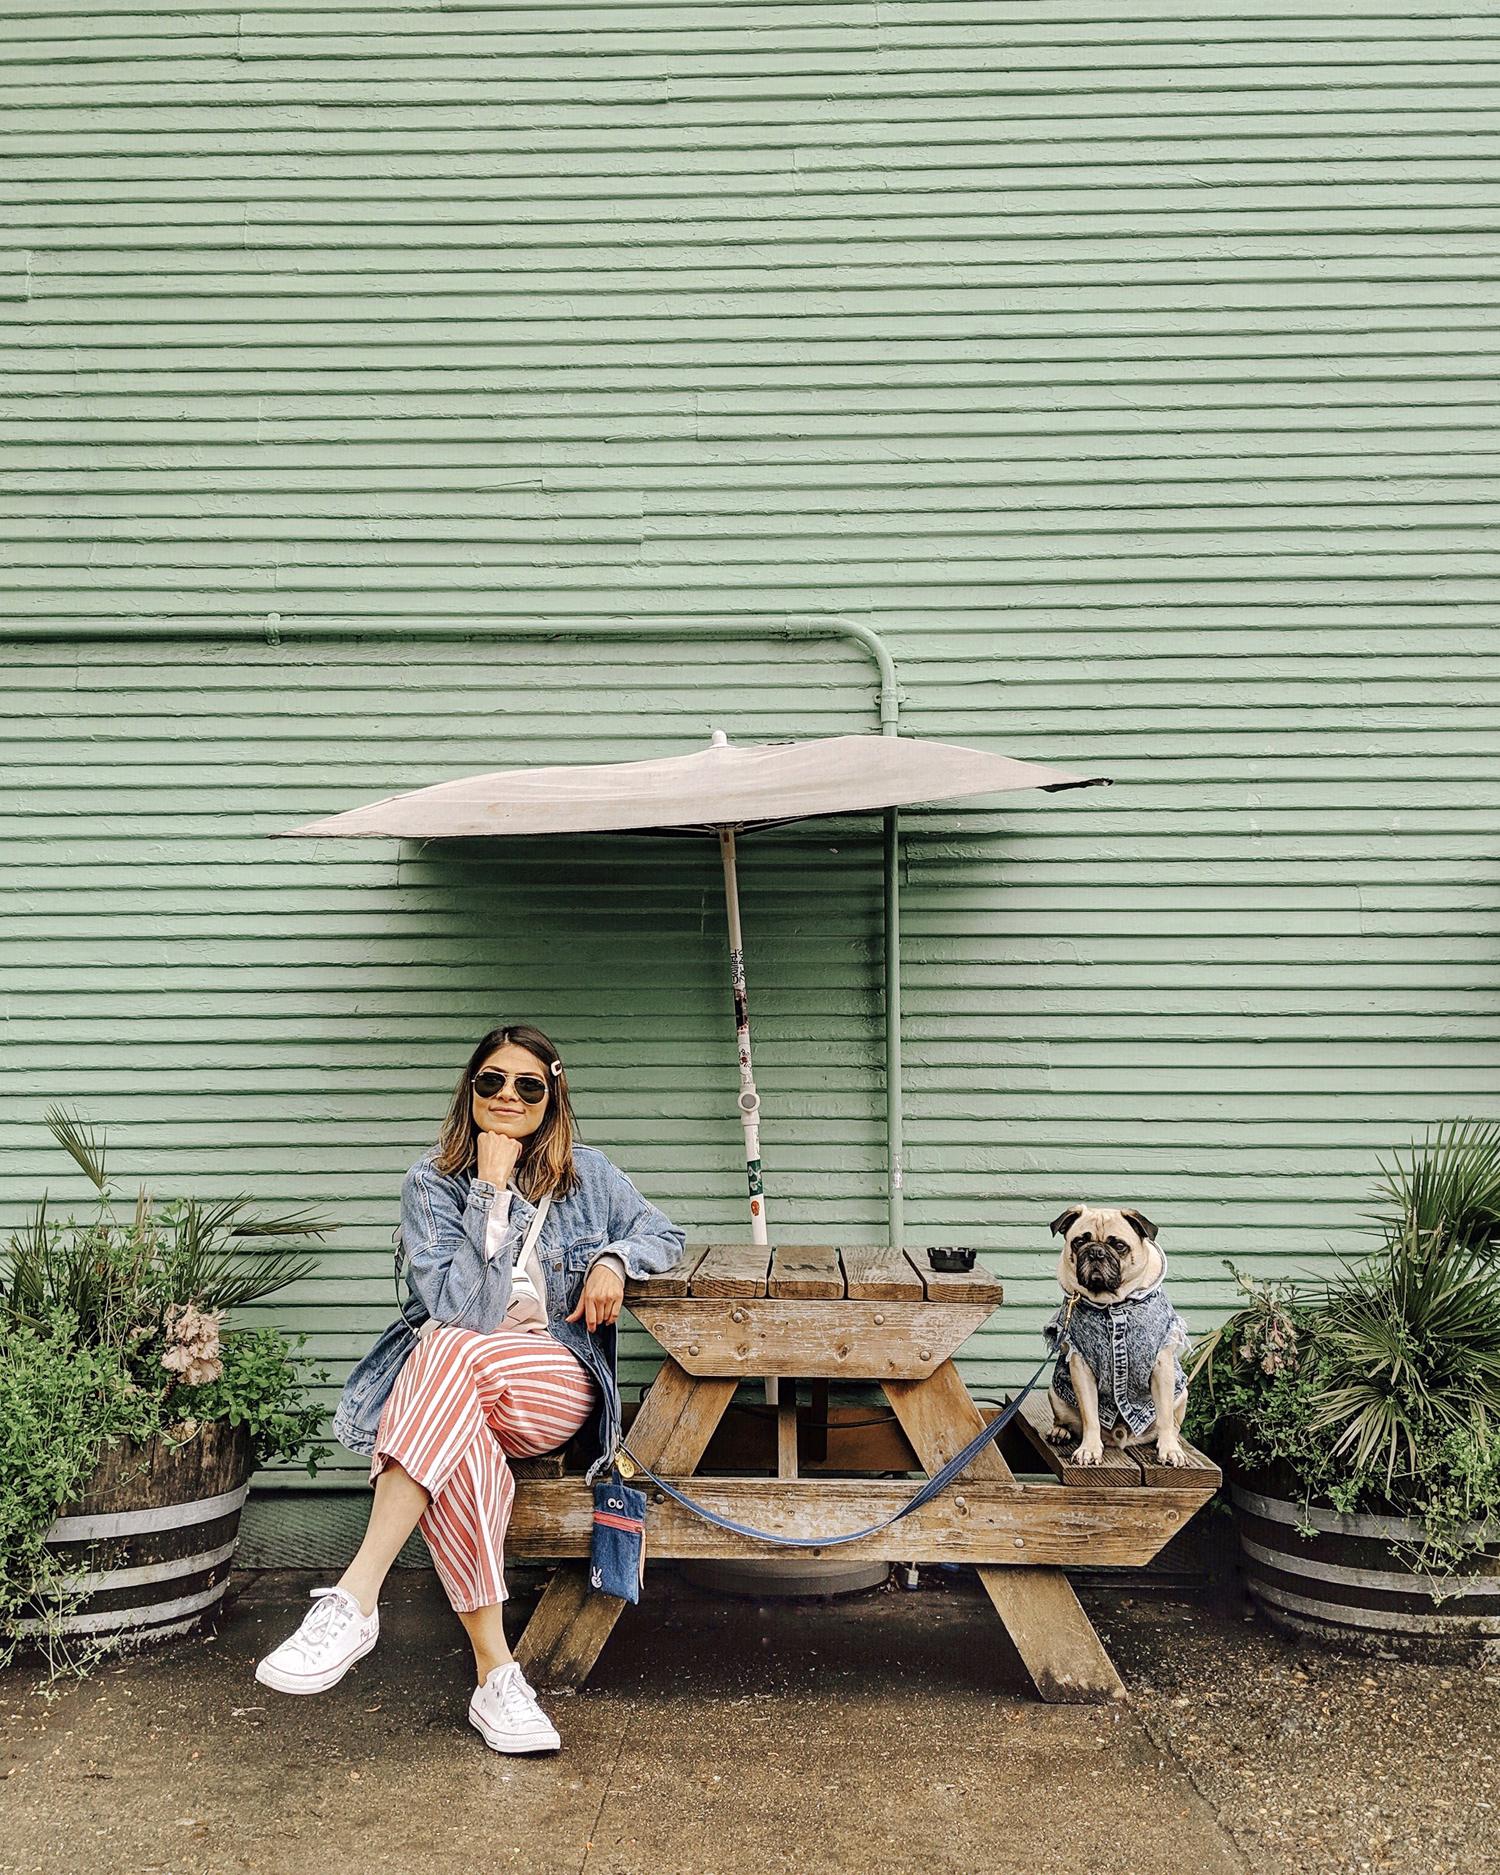 Portland-dogfriendly-travel-travelwithyourdog-woodenshoetulipfestival-2019-dogstraveling-dogblog-pug-dogmomblog-newyorkblog-visitportland23.jpg